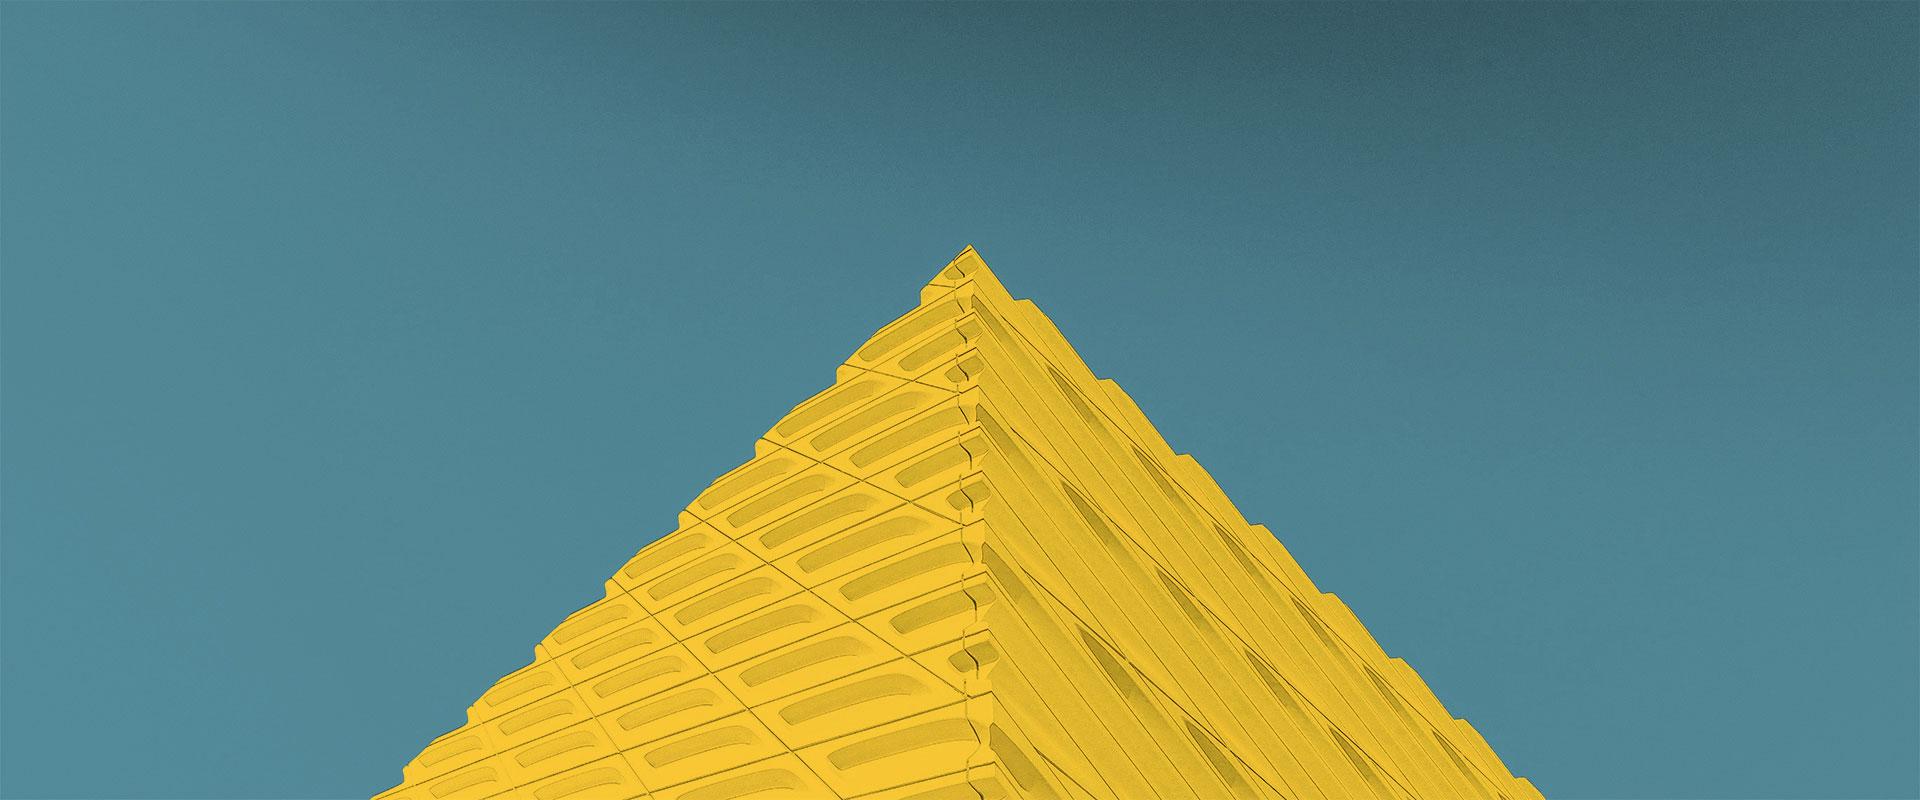 bâtiment architecturale jaune s'imposant dans un ciel bleu